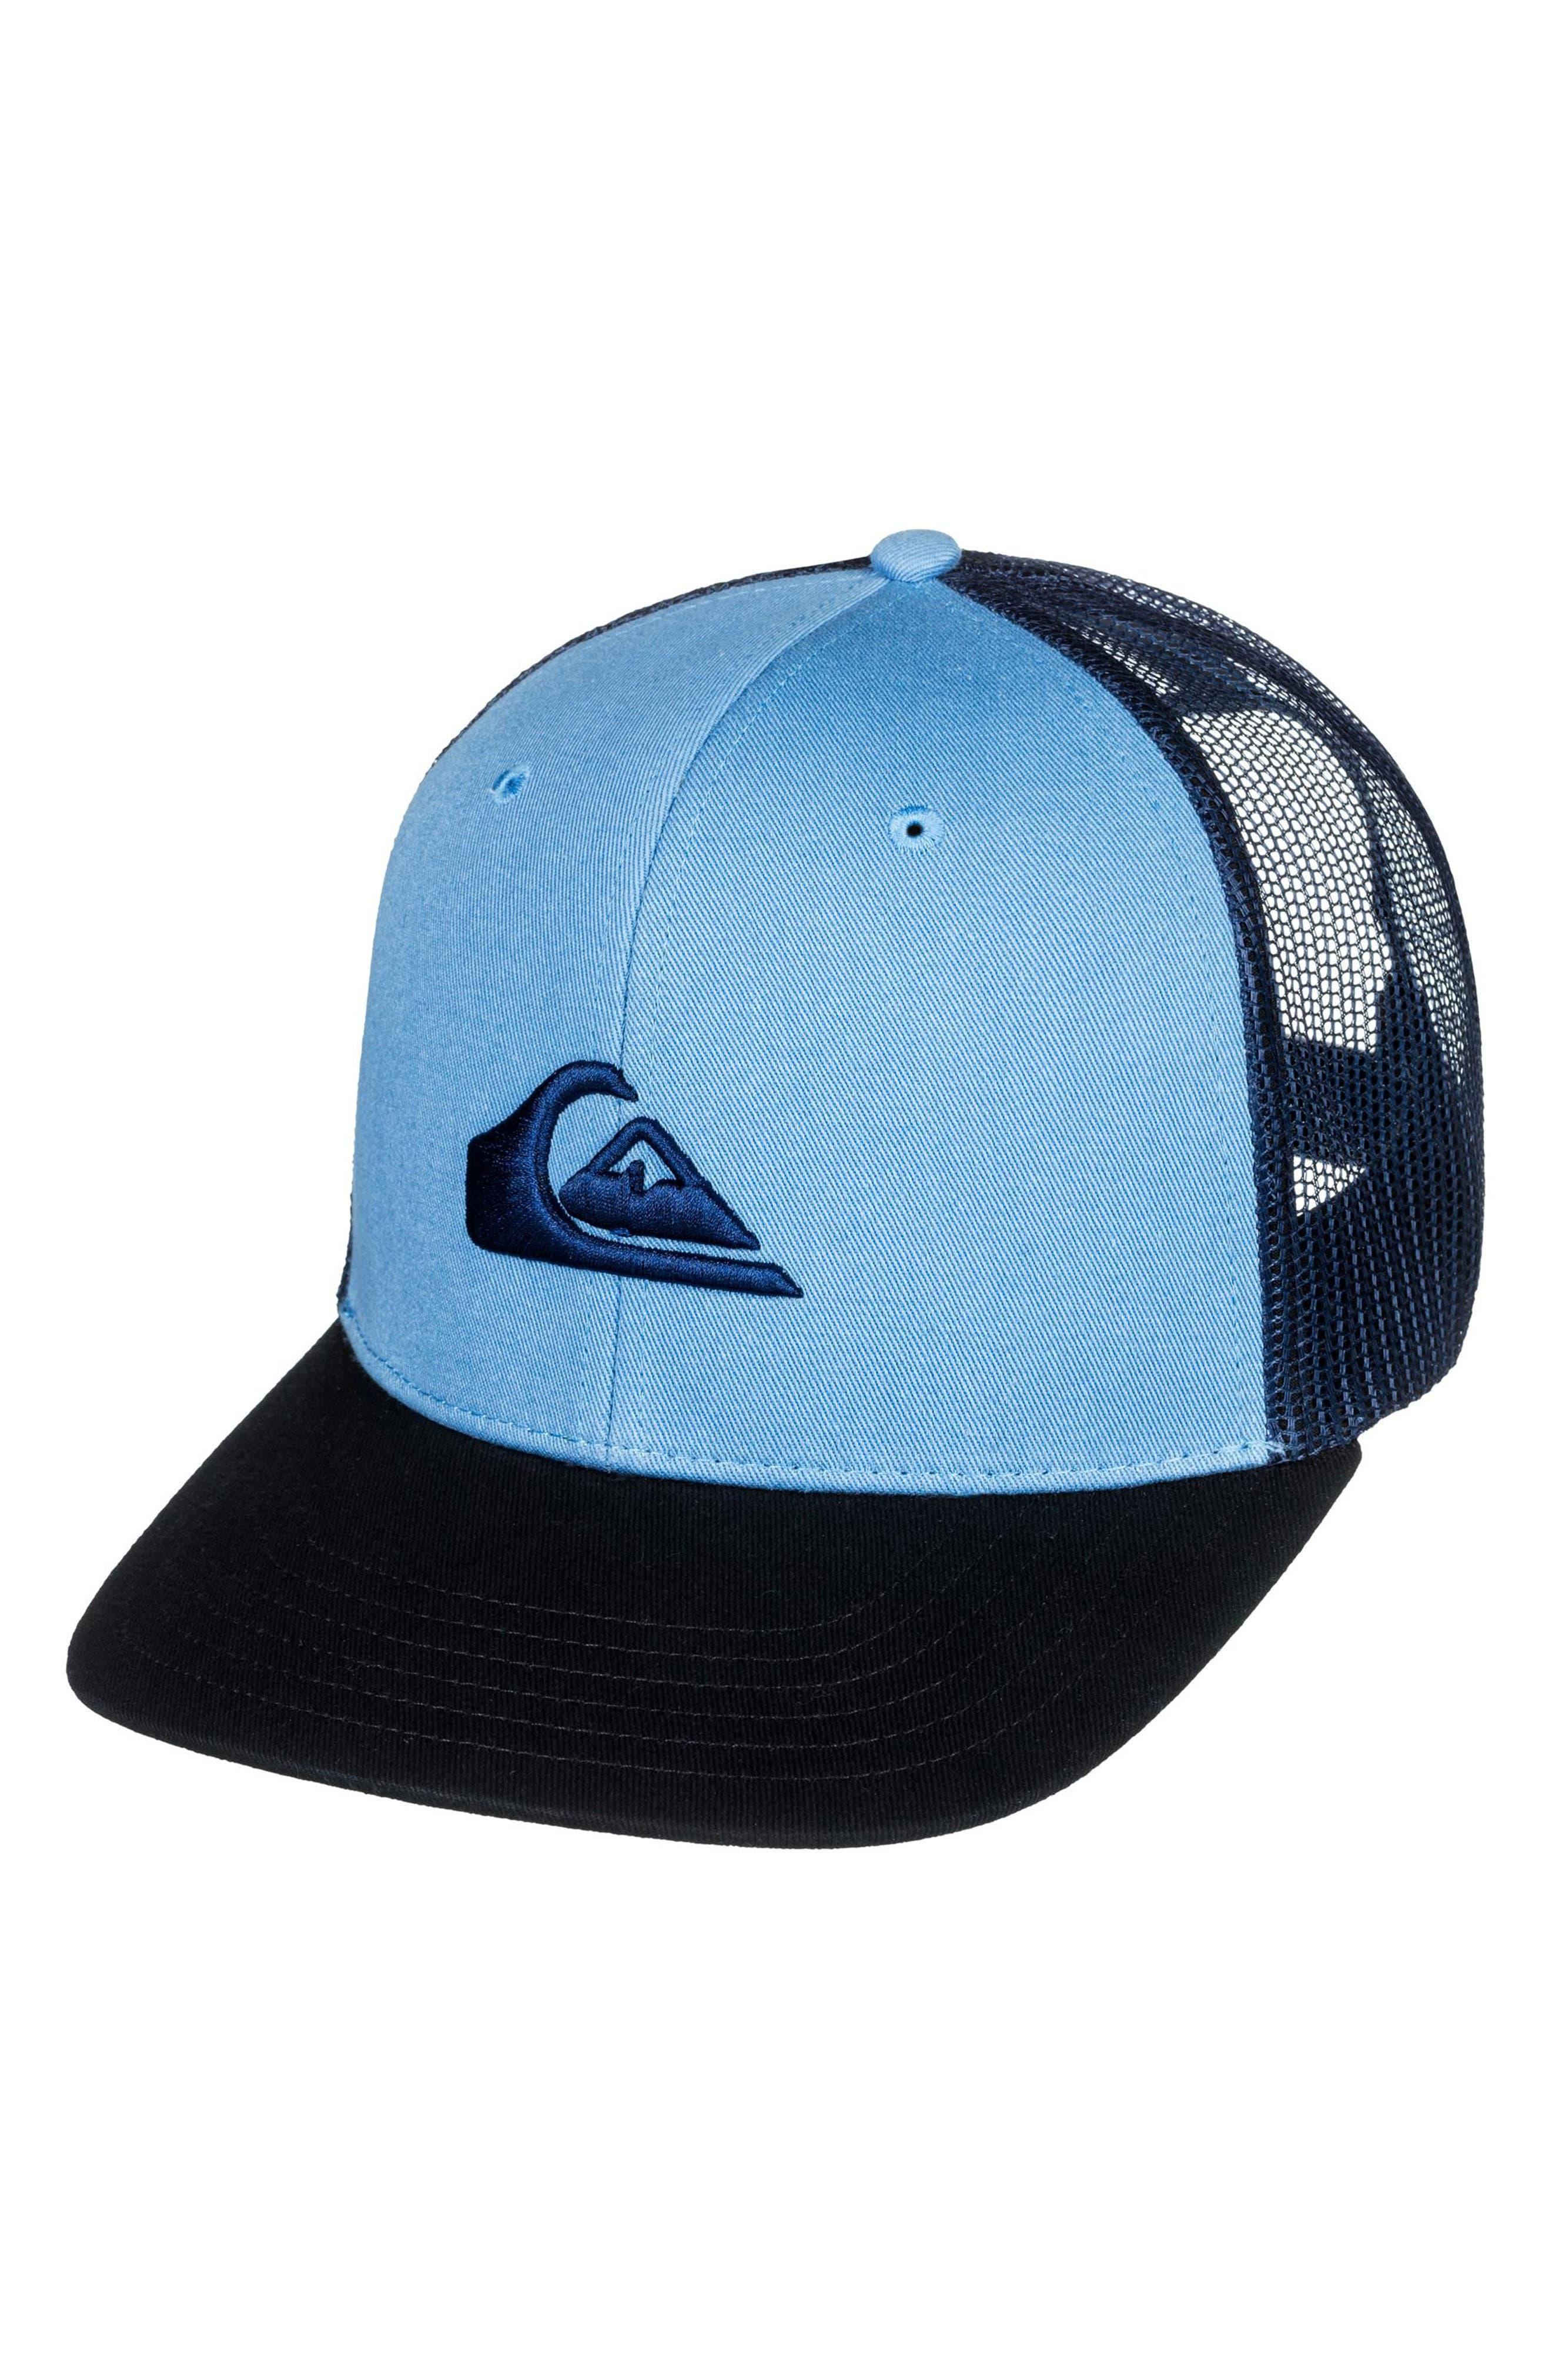 Grounder Trucker Hat,                         Main,                         color, Dusk Blue